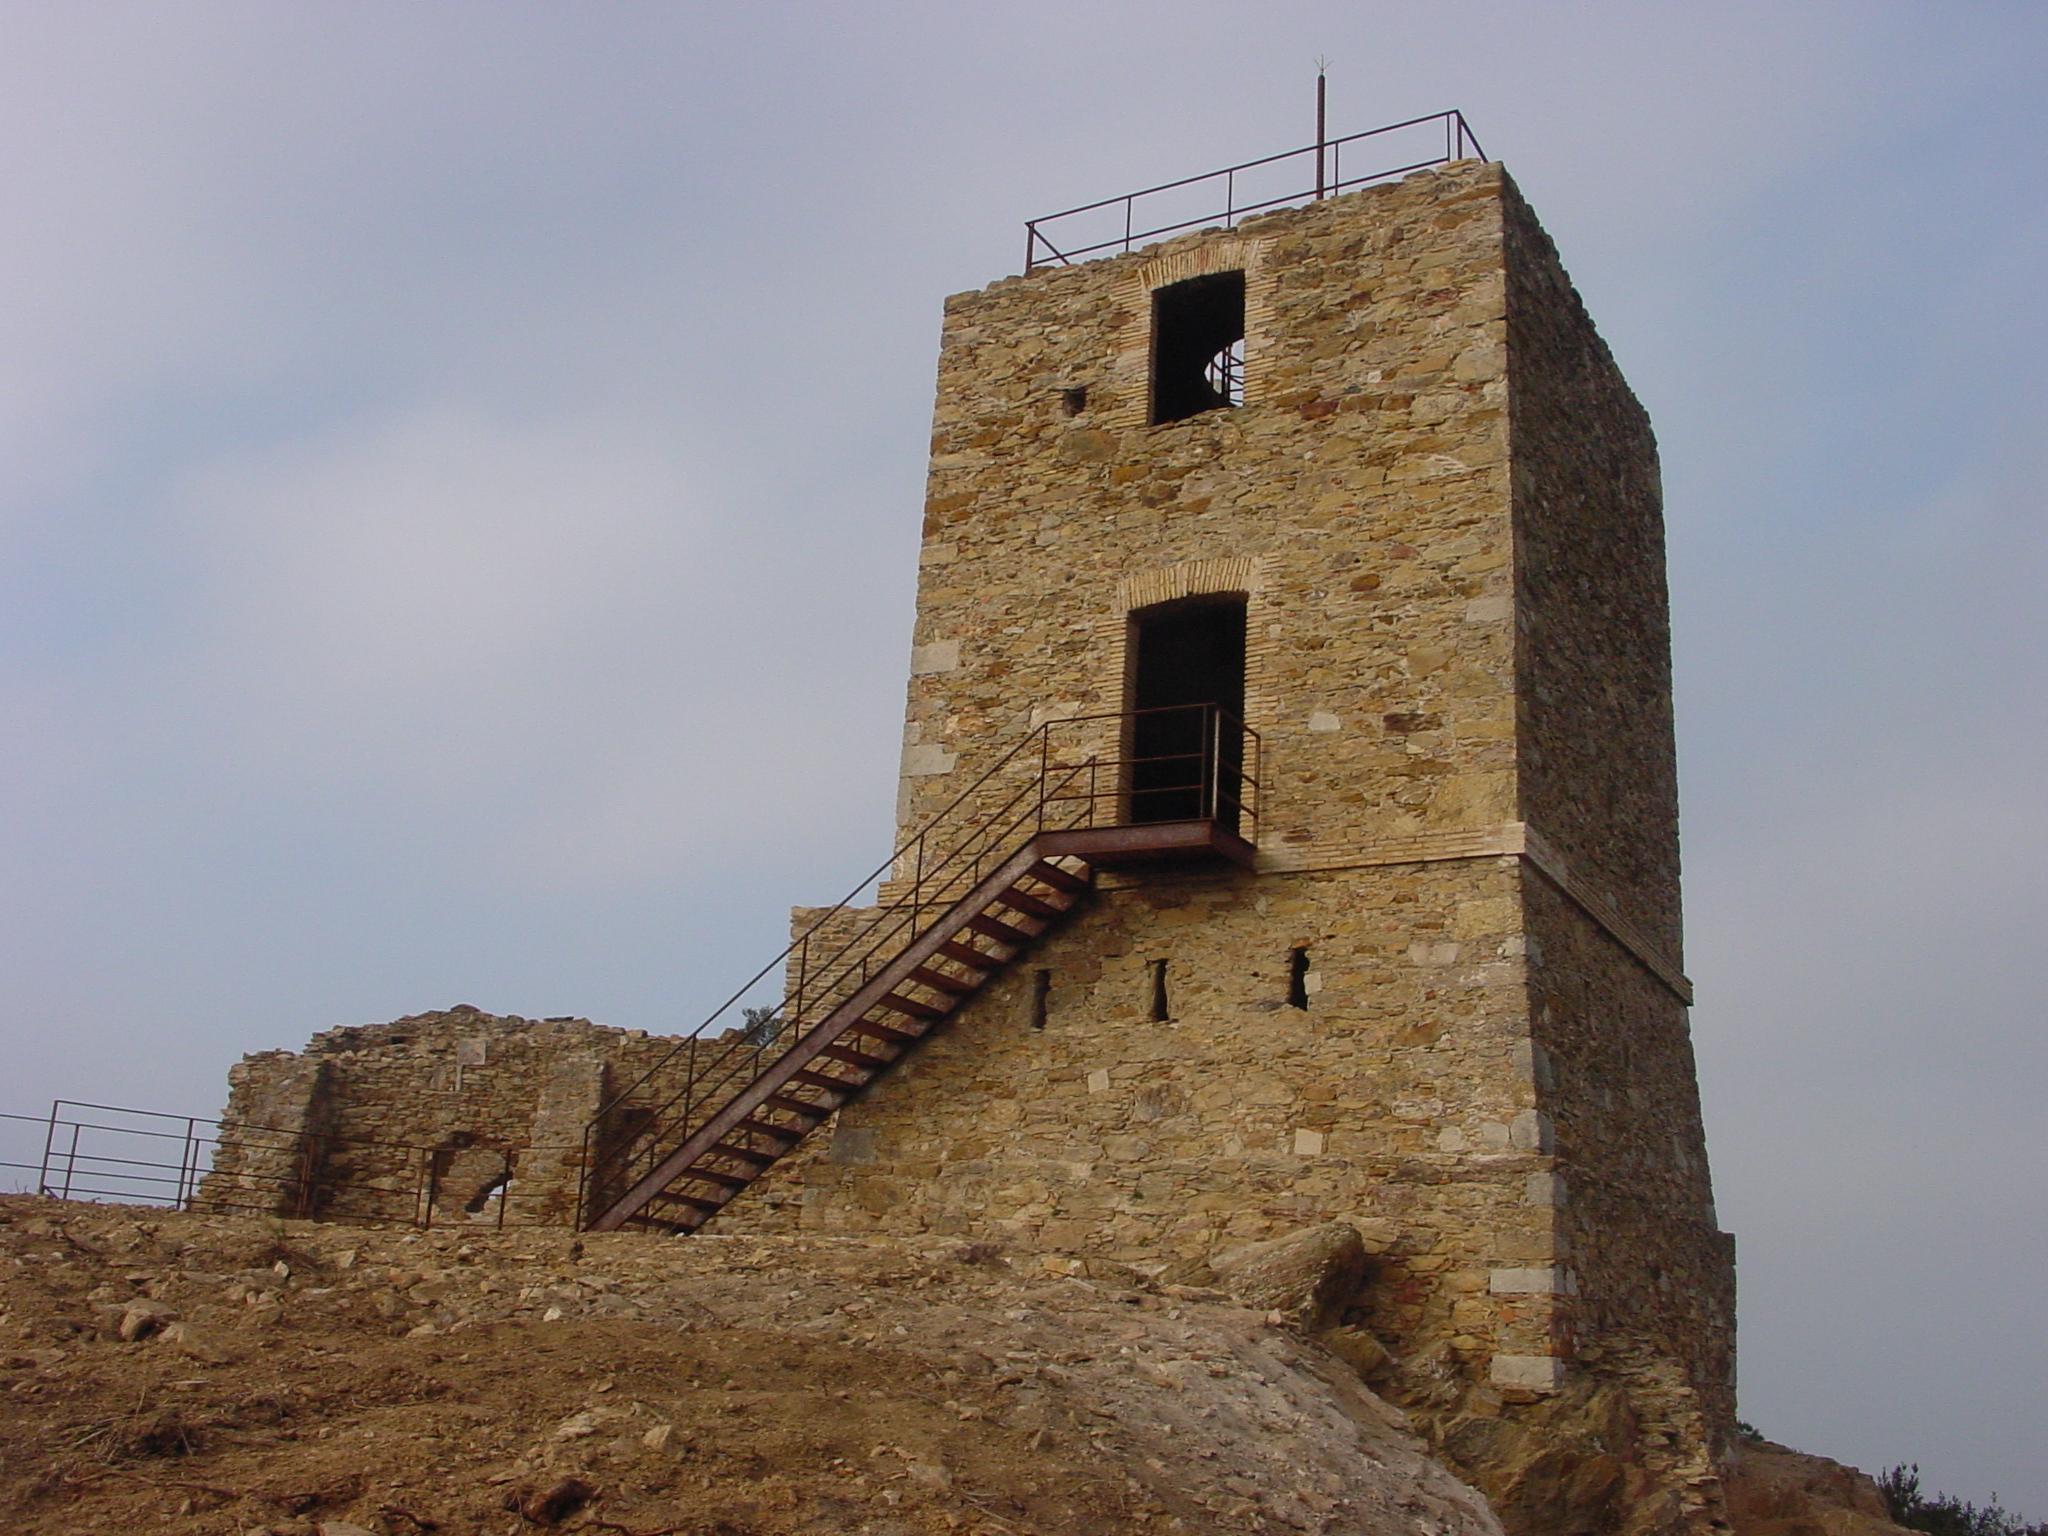 La imatge mostra la torre de telegrafia òptica que es va construir durant la segona guerra carlina. La torre està fortificada (espitlleres) i compta amb un fosat. El conjunt compta també amb l'església de Santa Maria i Sant Miquel, la qual està en ruïnes.